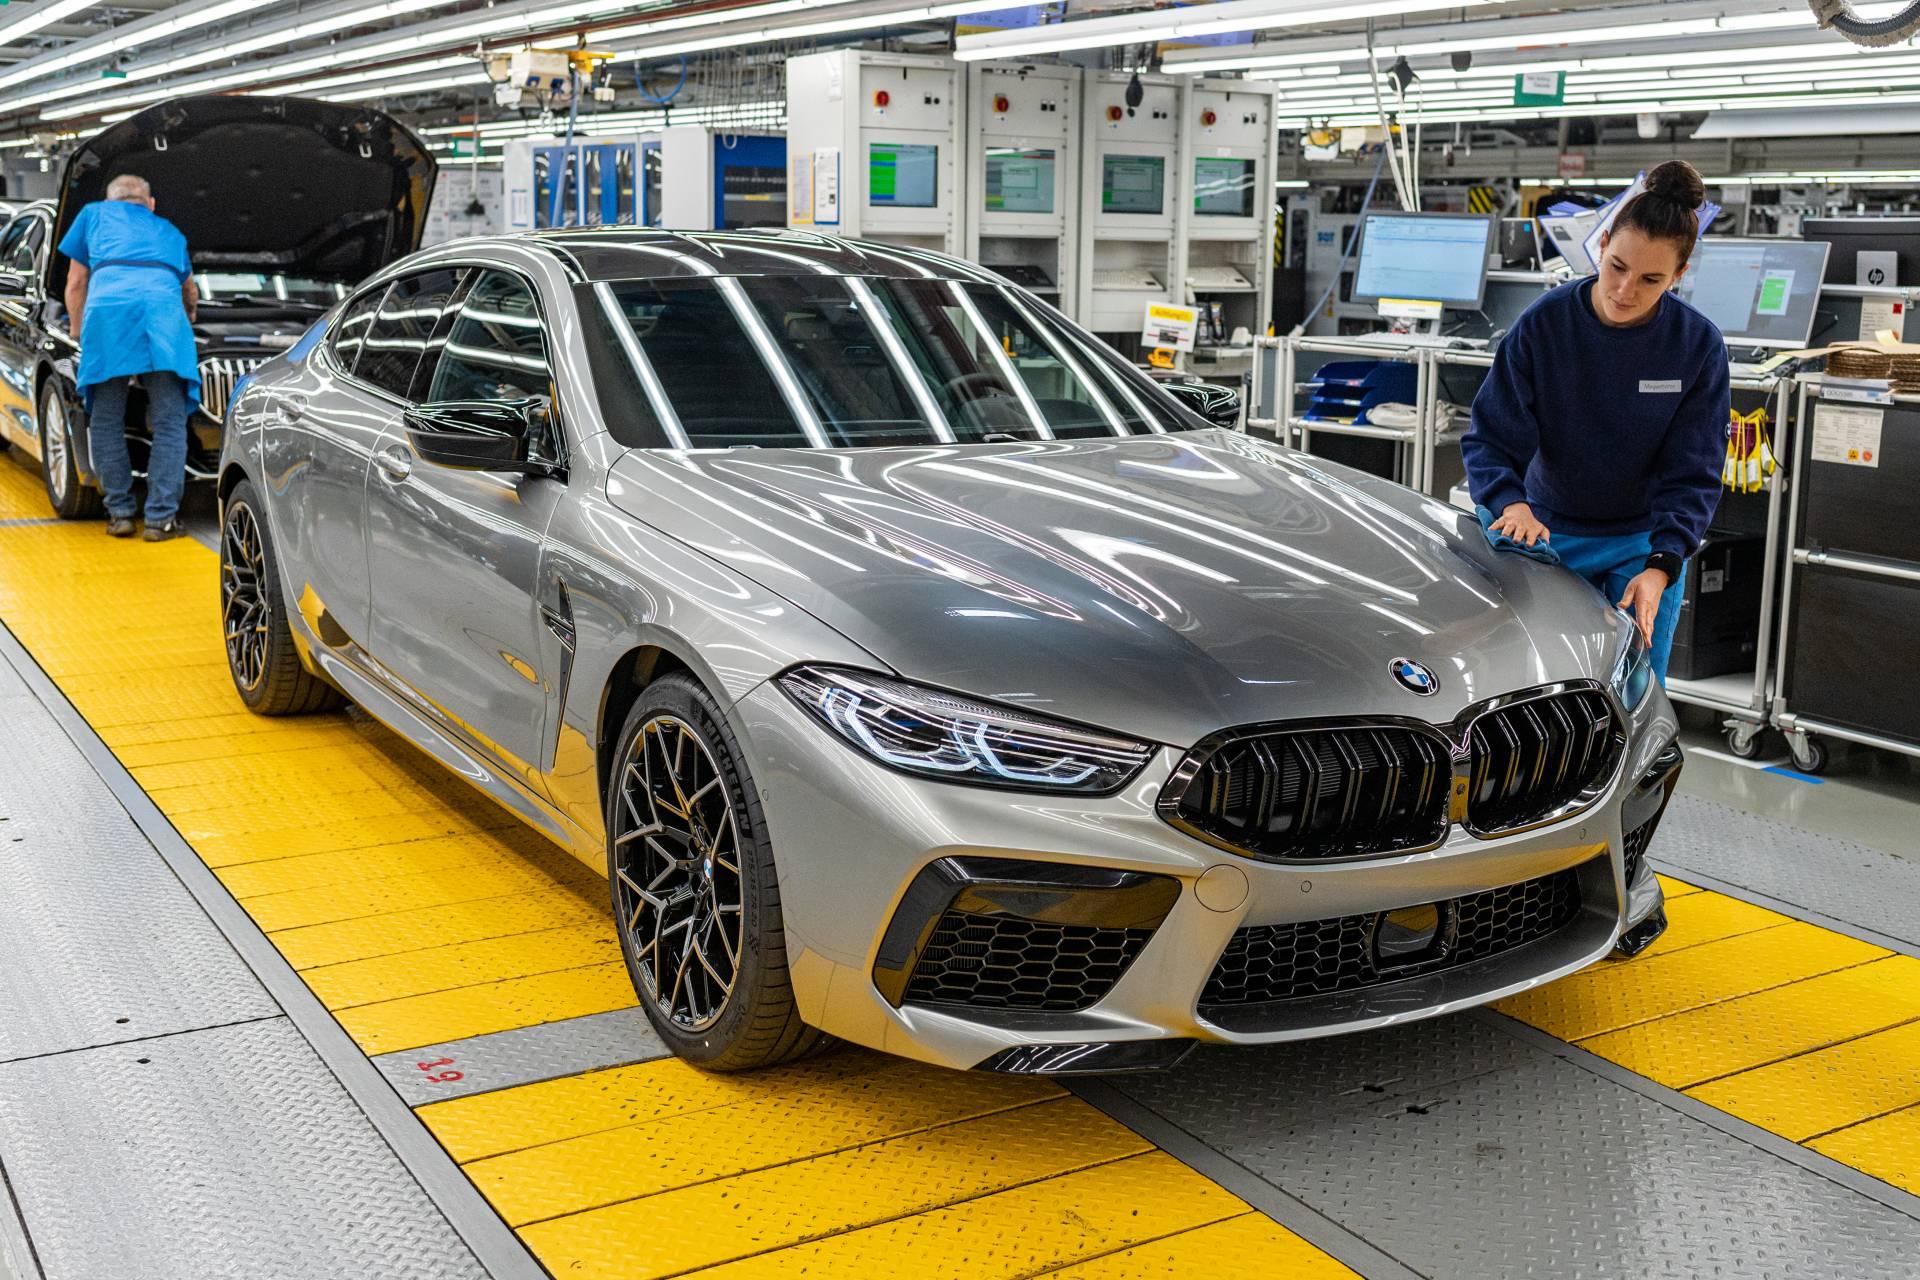 2020 Bmw M8 Gran Coupe Enters Production Ahead Of La Auto Show Premiere Autoevolution